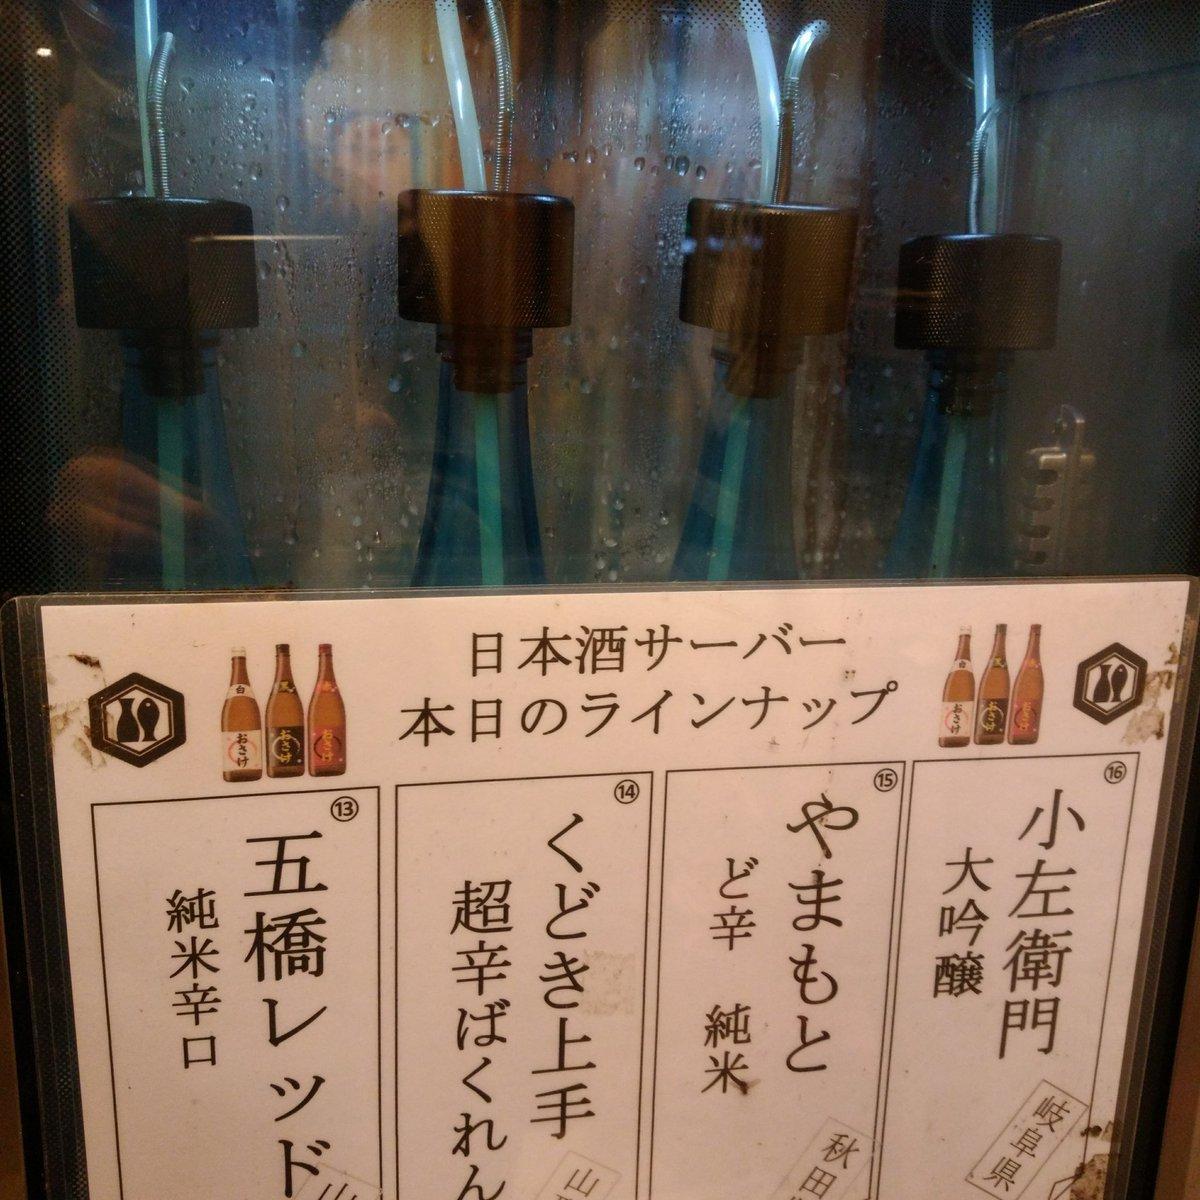 test ツイッターメディア - しばらく臨時休業されてましたが近くなので気になってたお店に初突撃。 日本酒サーバーあるのでたくさん種類飲めてGood! 「五橋ファイブ」シリーズひさびさに飲む。レッドは辛口Ver.♪ この店良いですね、もっと前から来ればよかった😄 https://t.co/Q60EPxHWIg